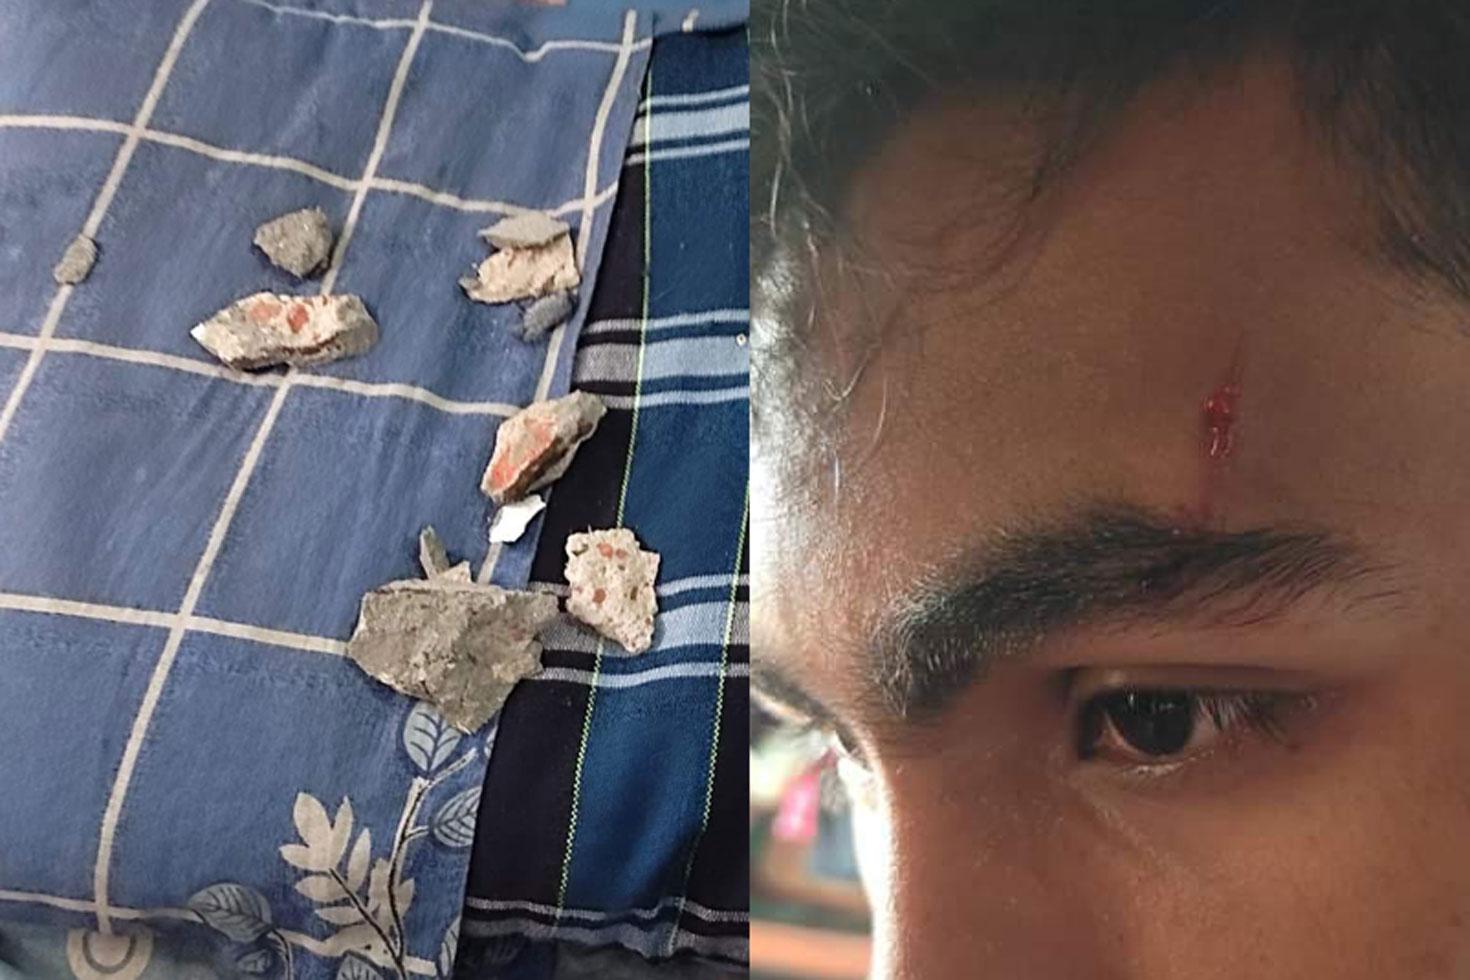 হলের ছাদের পলেস্তারায় ঢাবি শিক্ষার্থী আহত